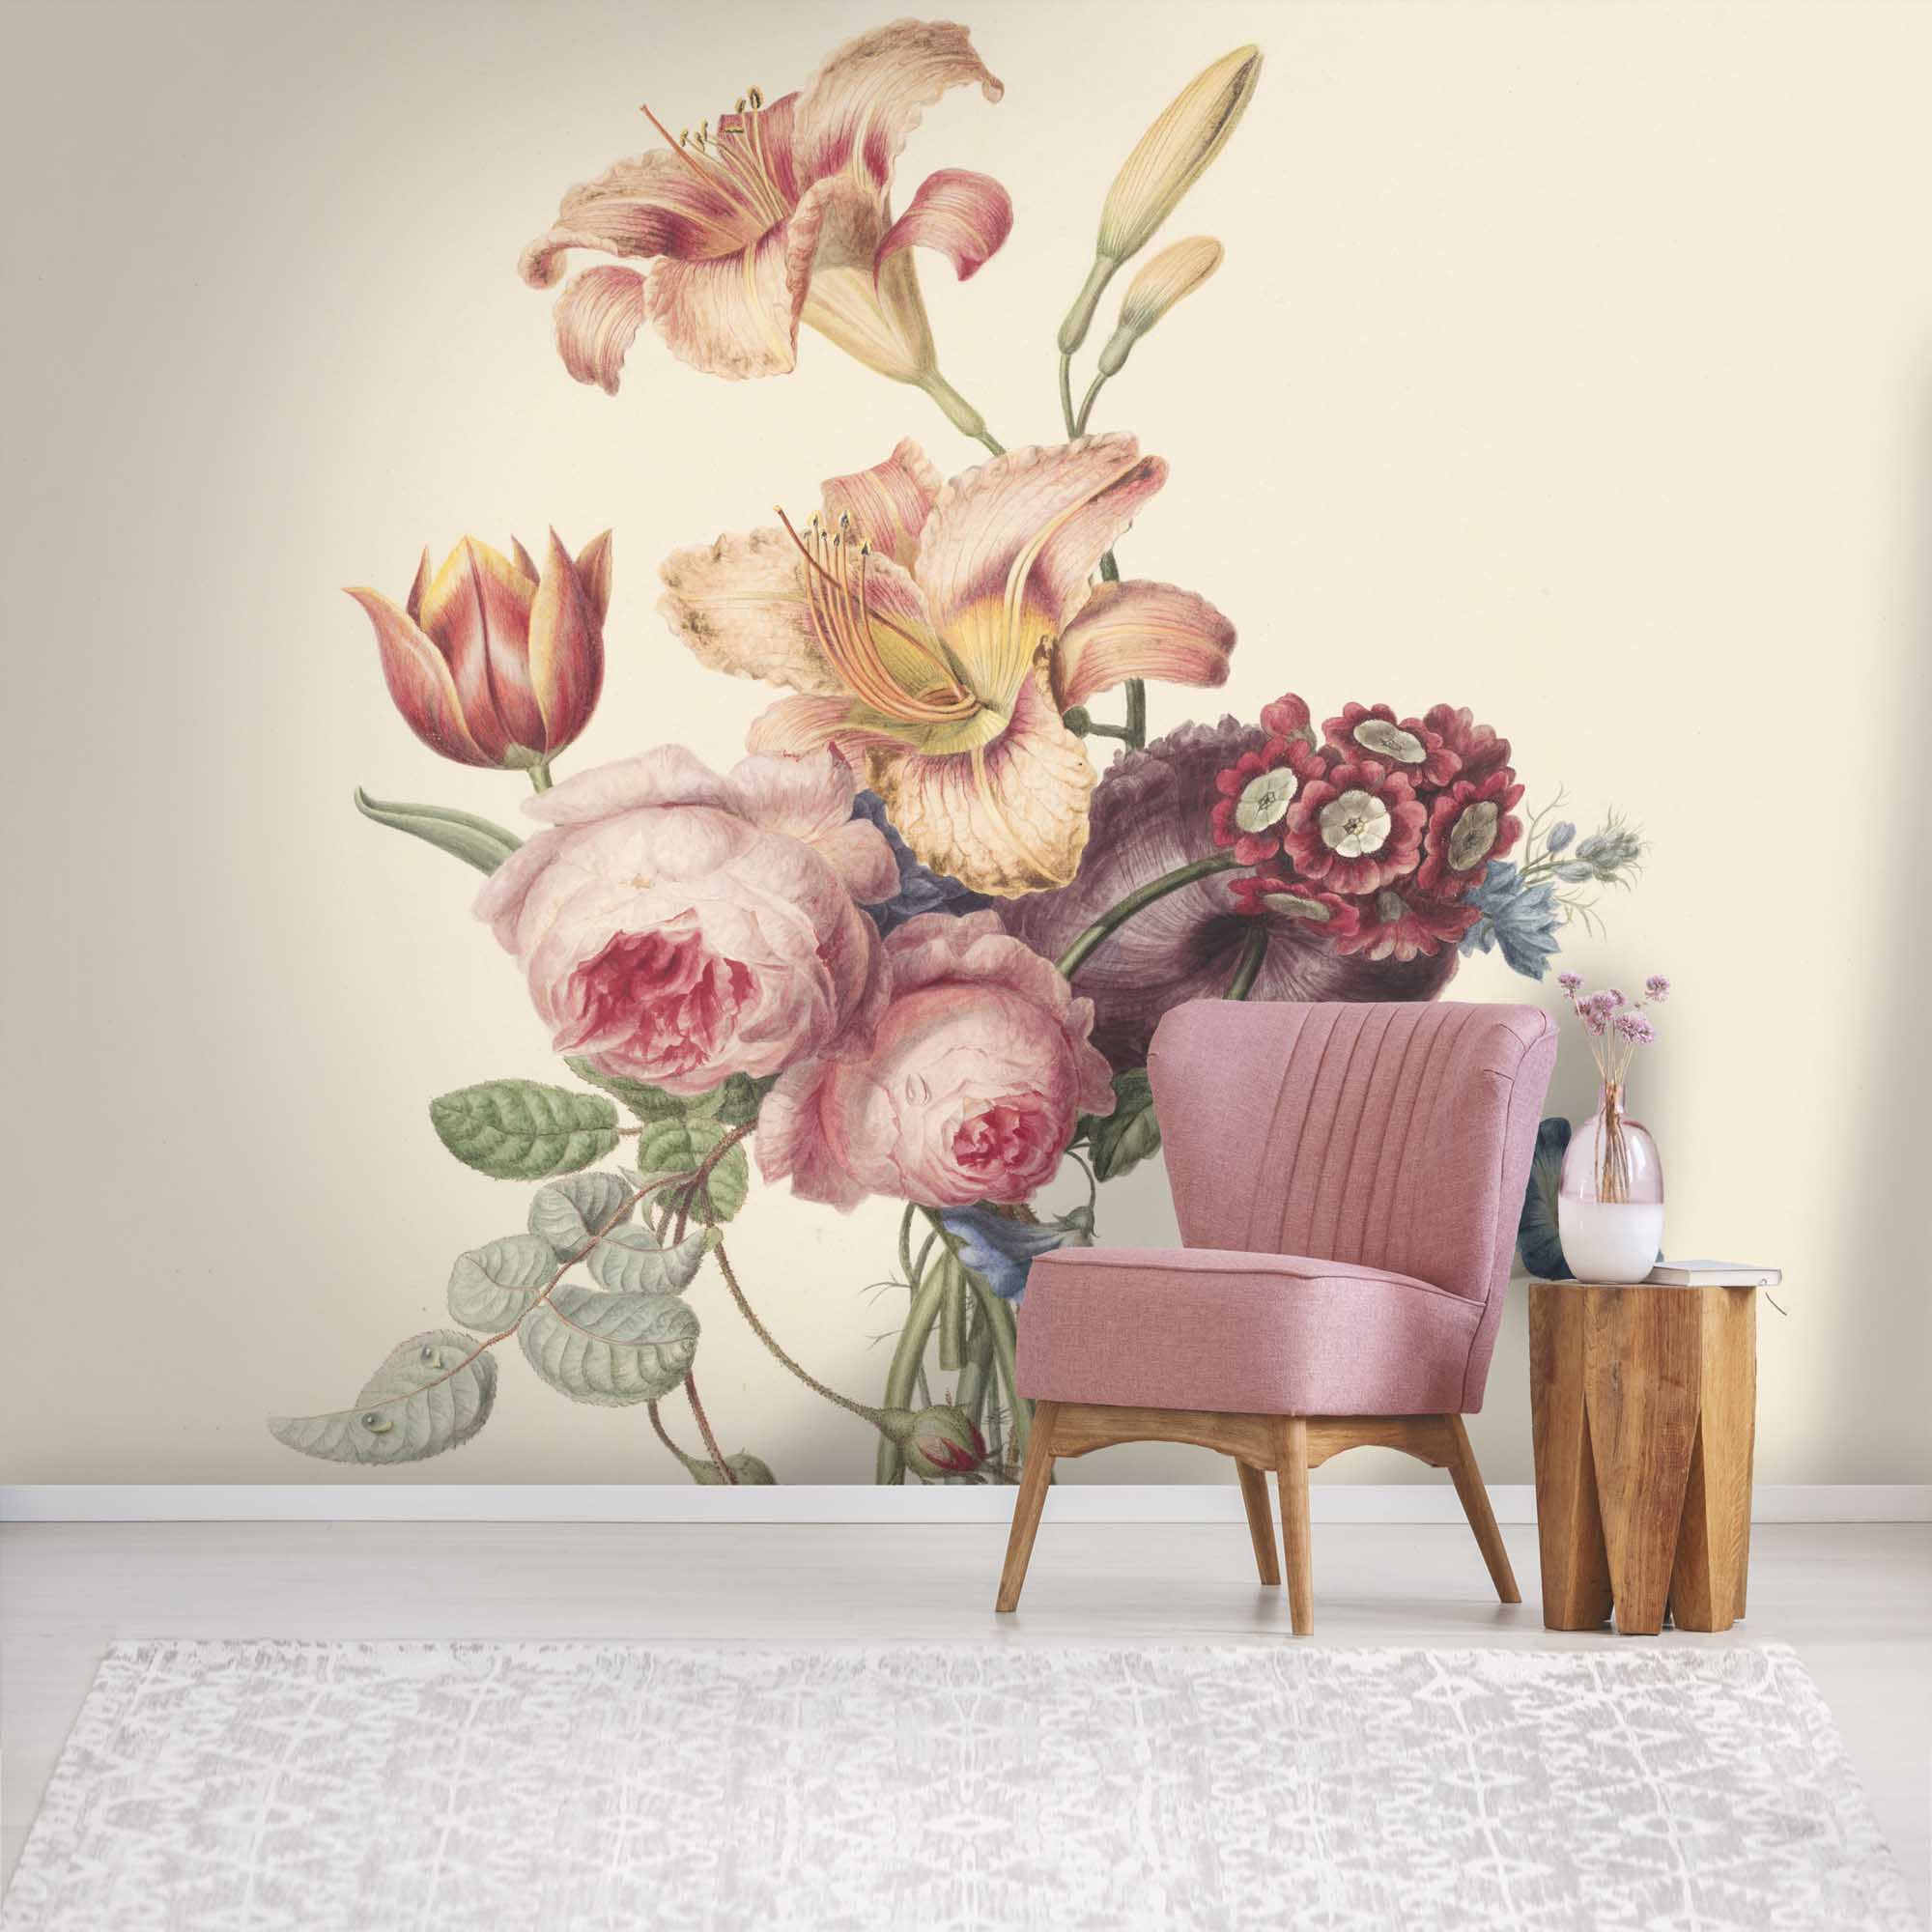 Abundance Wallpaper Mural, £245, Woodchip & Magnolia (Woodchip & Magnolia/PA)